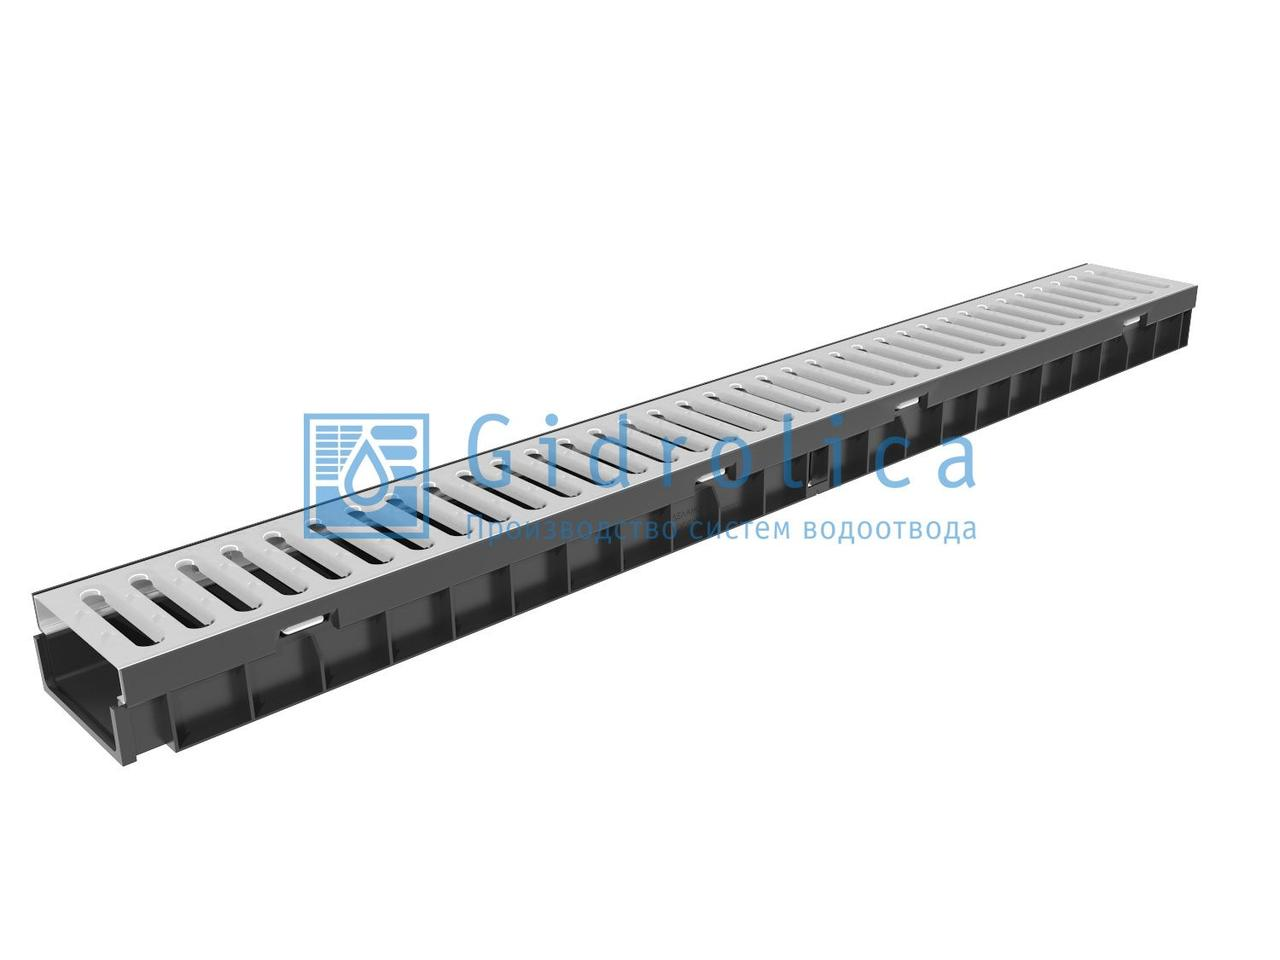 Комплект Gidrolica Light: лоток водоотводный ЛВ -10.11,5.5,5 - пластиковый  с решеткой РВ -10.10,8.100 стальной оцинкованной, кл. A15